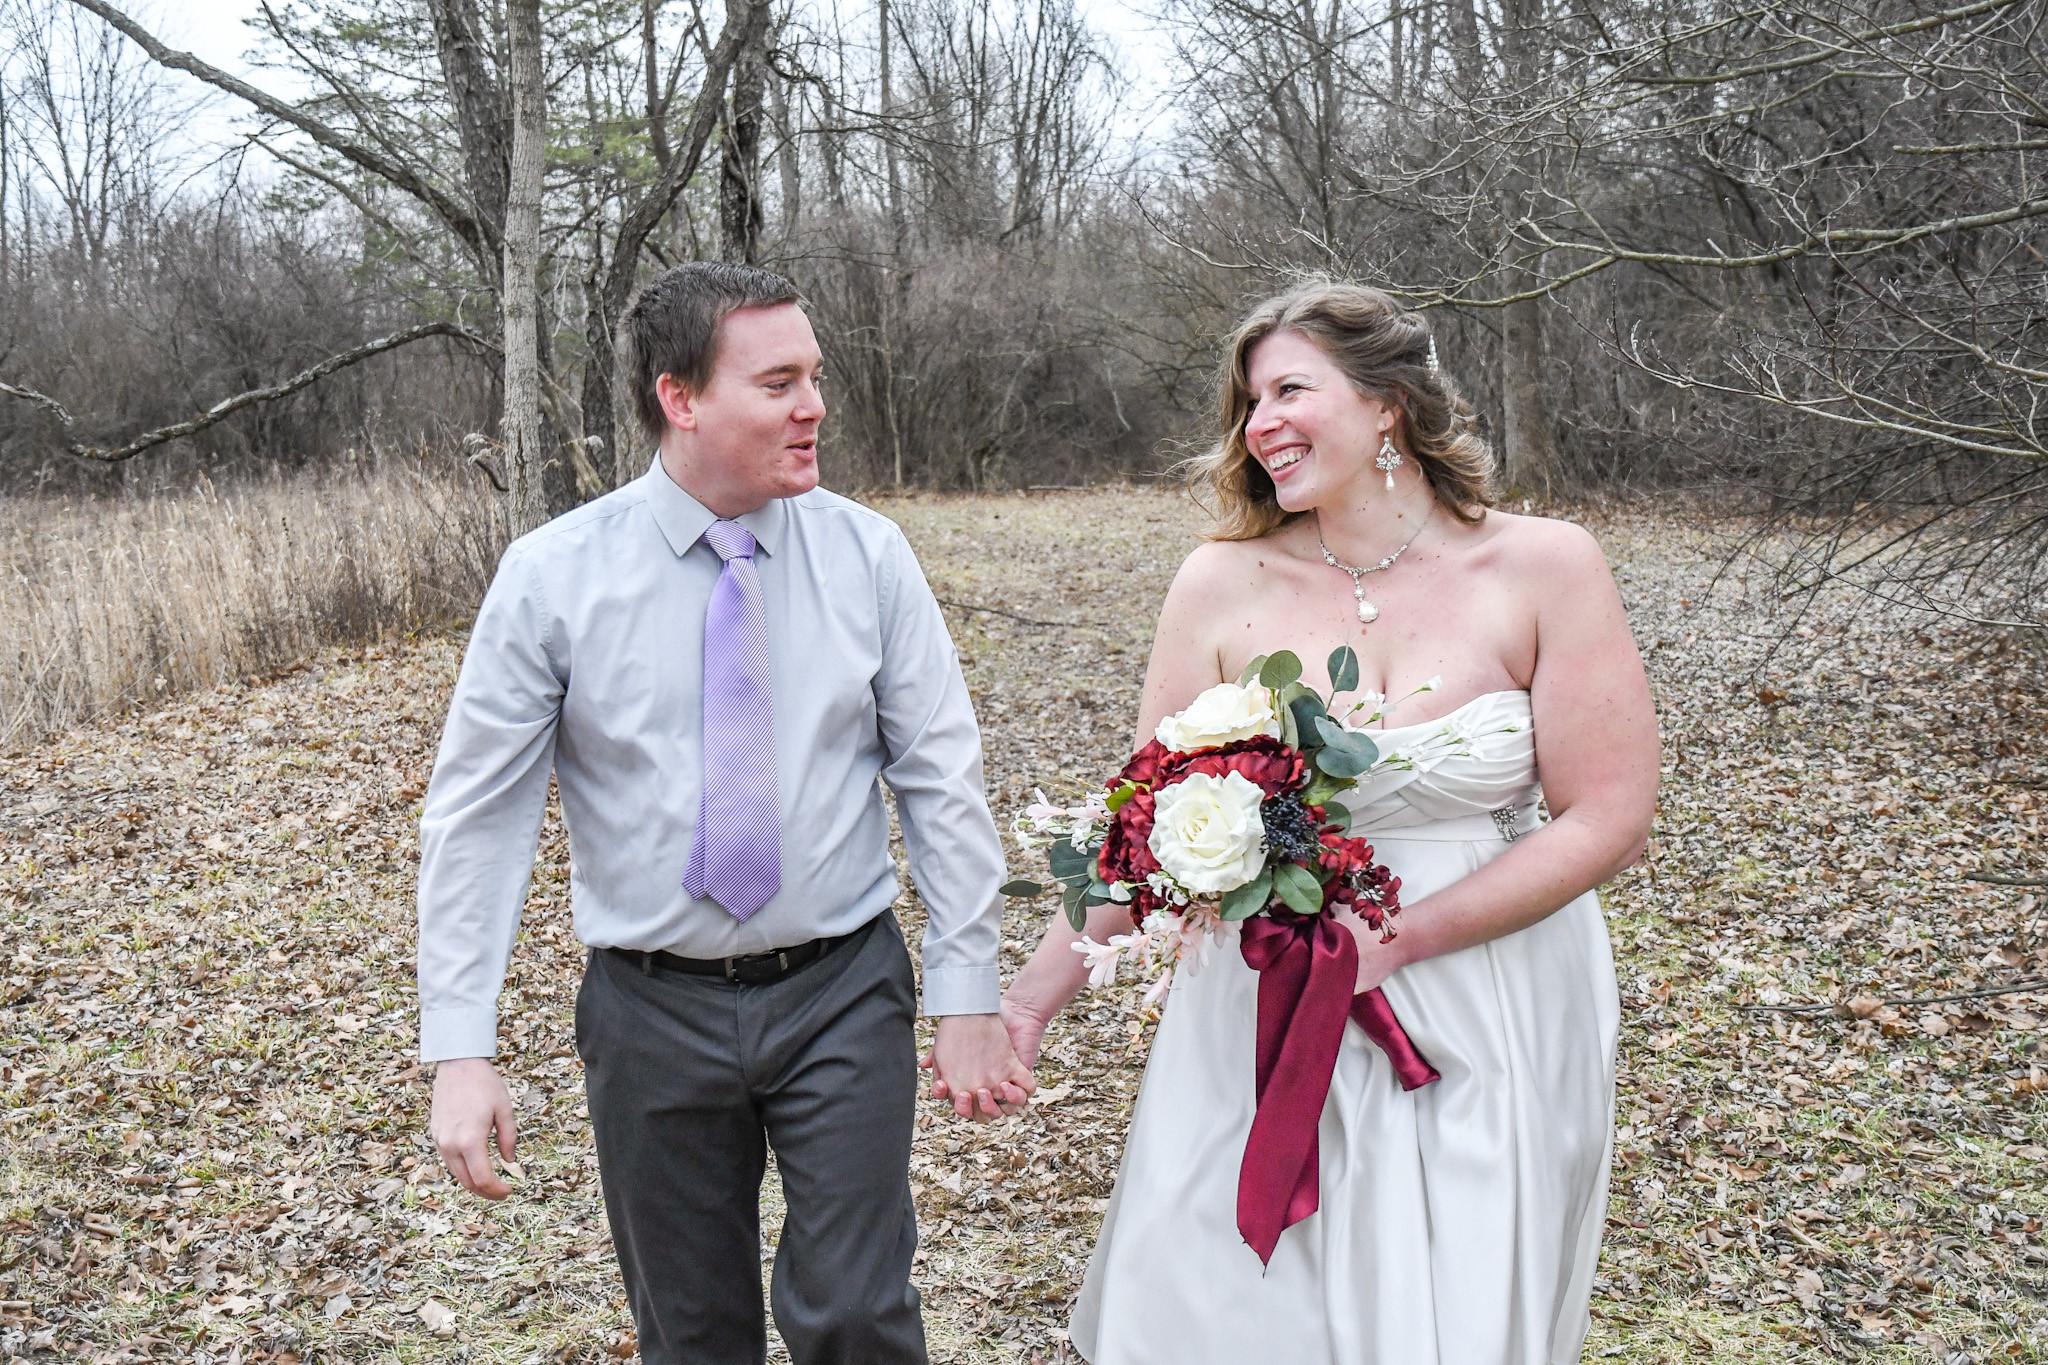 Wedding Photo (8 hours)